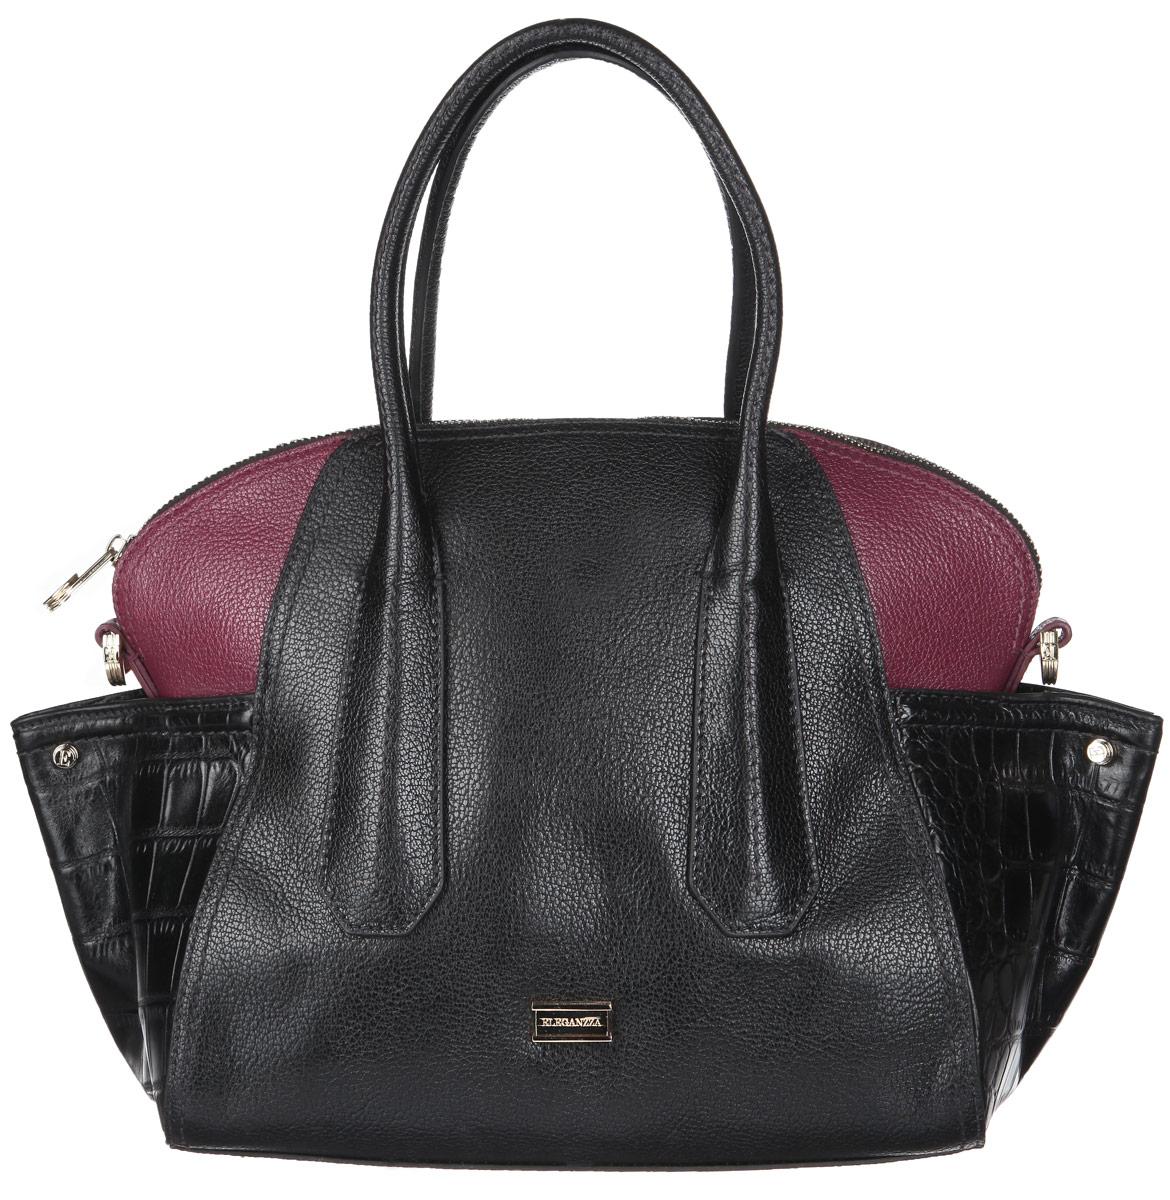 Сумка женская Eleganzza, цвет: черный, бордовый. Z-14243-123008Стильная женская сумка Eleganzza выполнена из натуральной высококачественной кожи с фактурным тиснением и дополнена вставками из кожи под рептилию. Изделие имеет одно основное отделение, закрывающееся на застежку-молнию. Внутри находятся два открытых накладных кармана и прорезной карман на застежке-молнии. Сумка оснащена двумя удобными ручками. В комплект входит съемный плечевой ремень, который регулируется по длине, и фирменный чехол. Основание защищено от повреждений металлическими ножками.Сумка Eleganzza - это стильный аксессуар, который подчеркнет вашу изысканность и индивидуальность и сделает ваш образ завершенным.